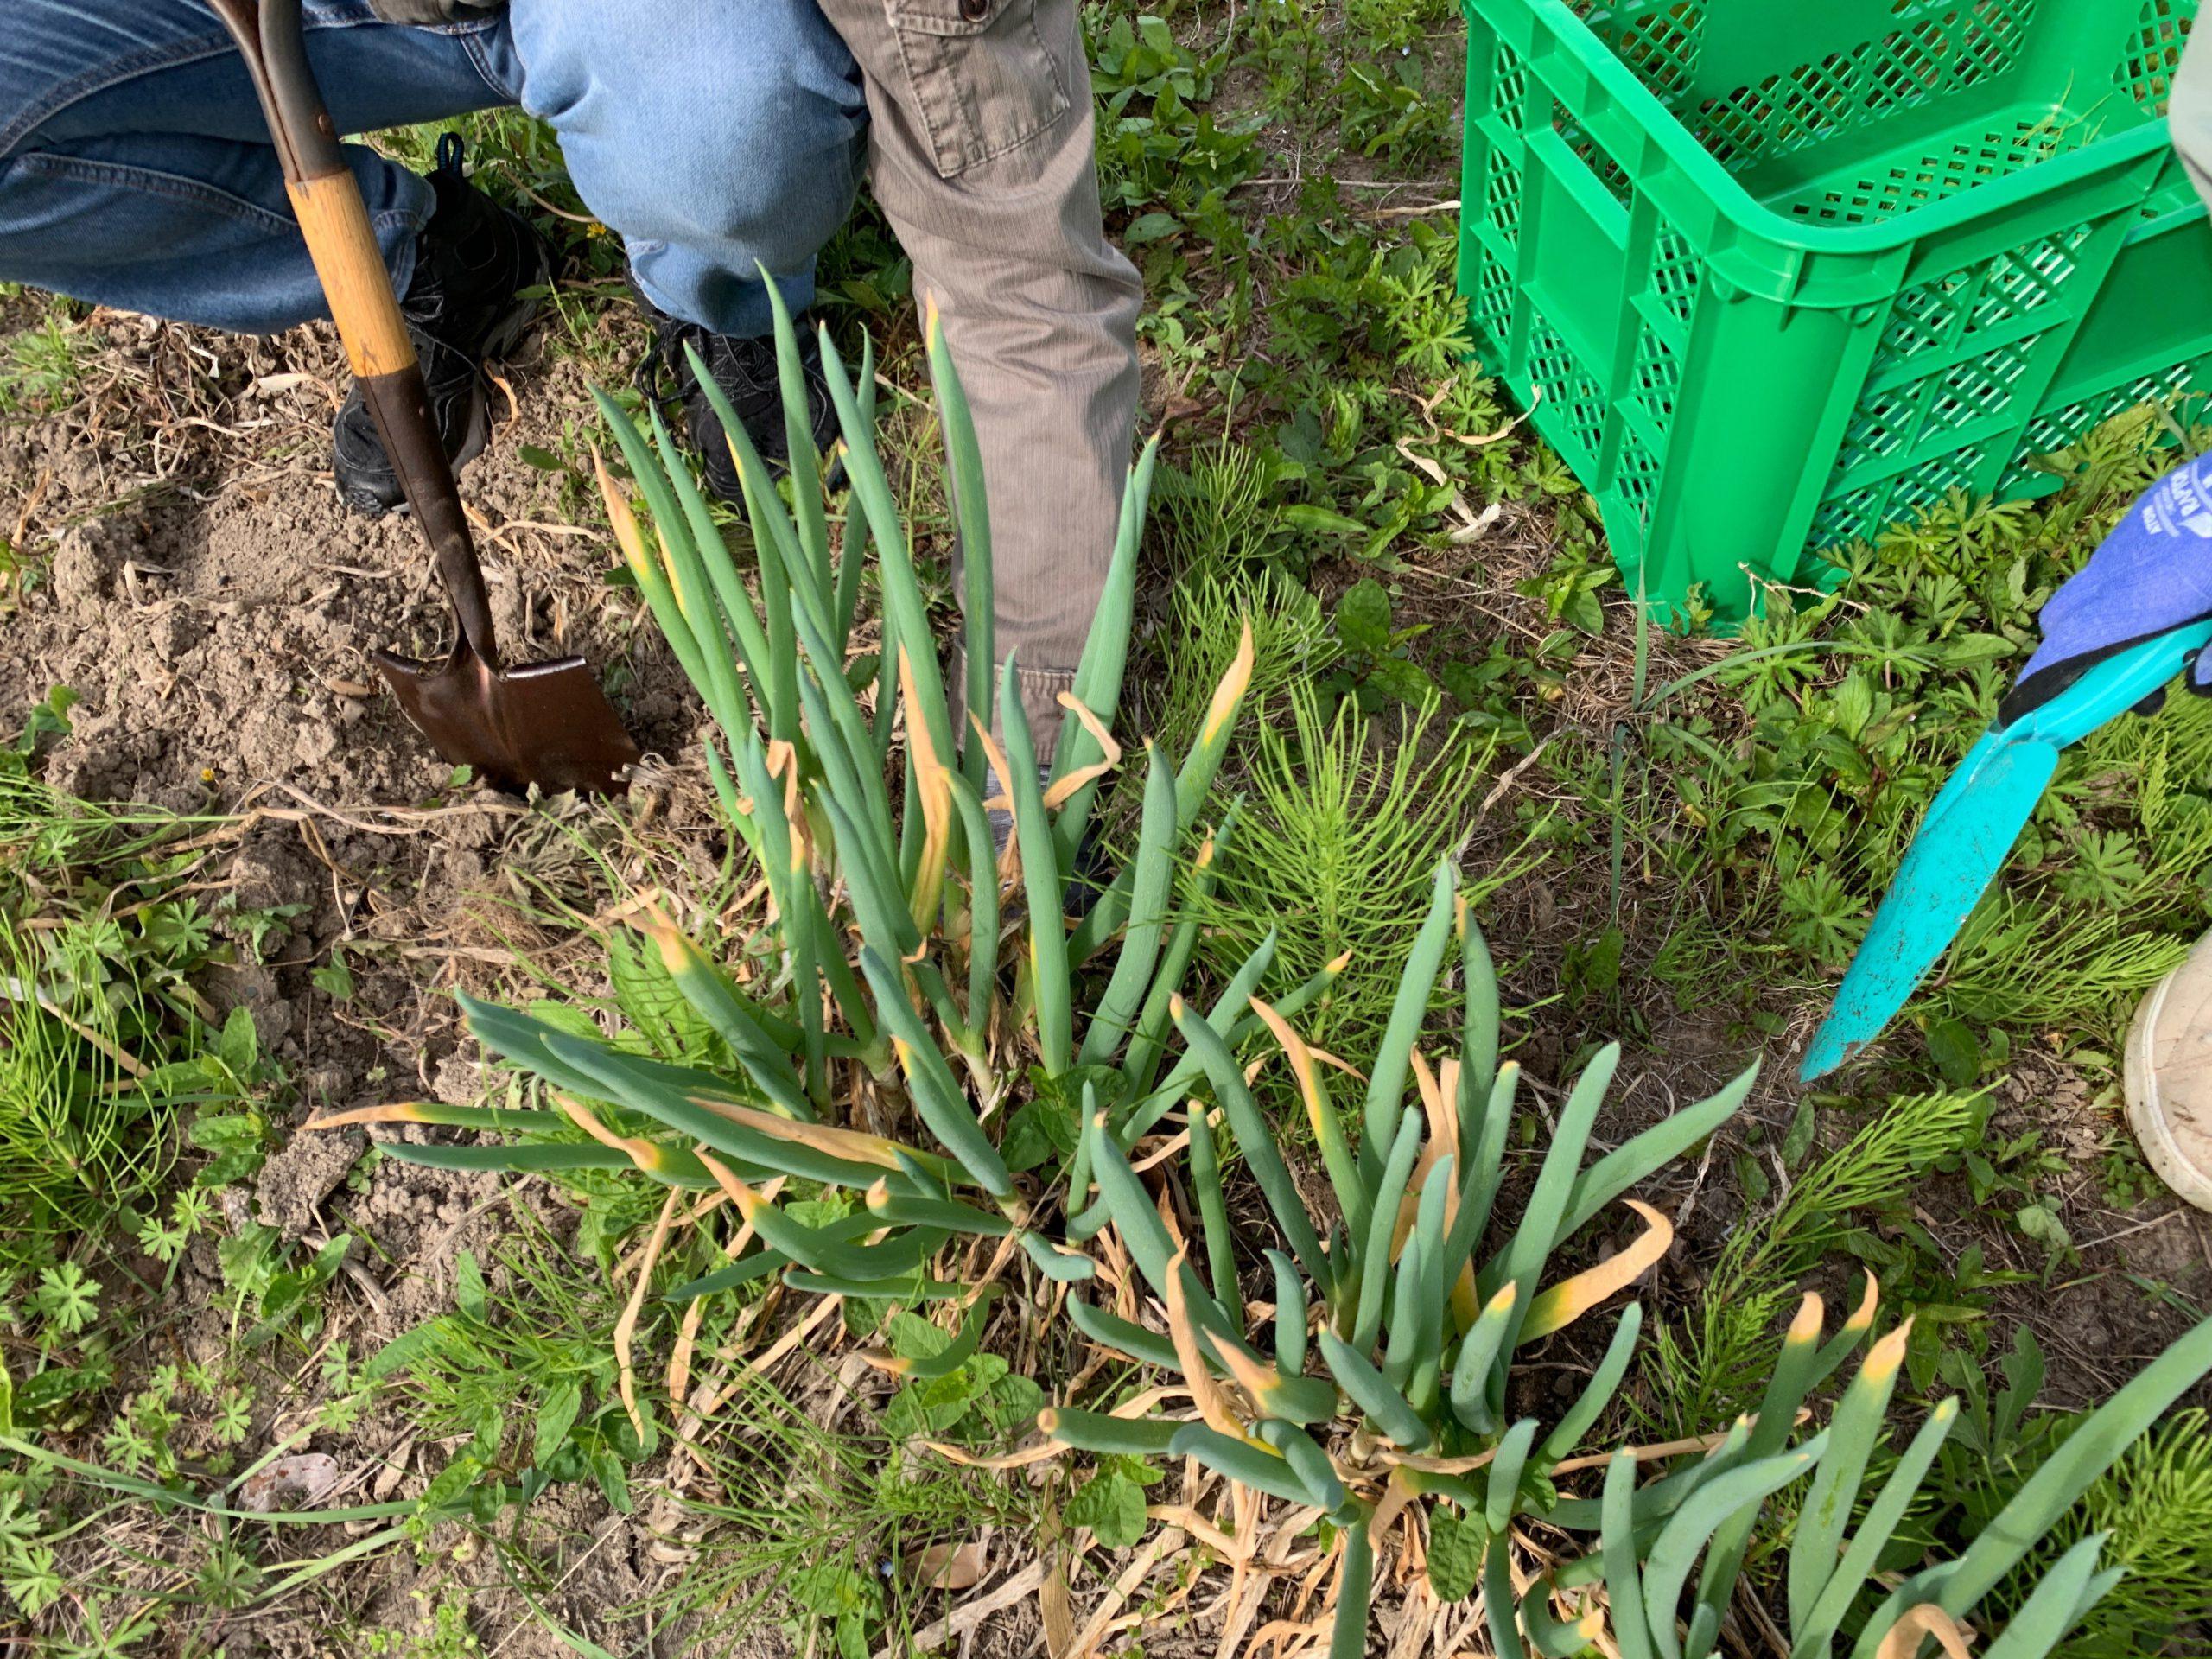 長ネギの植え替え 株分けして長ネギを増やす 掘り起し